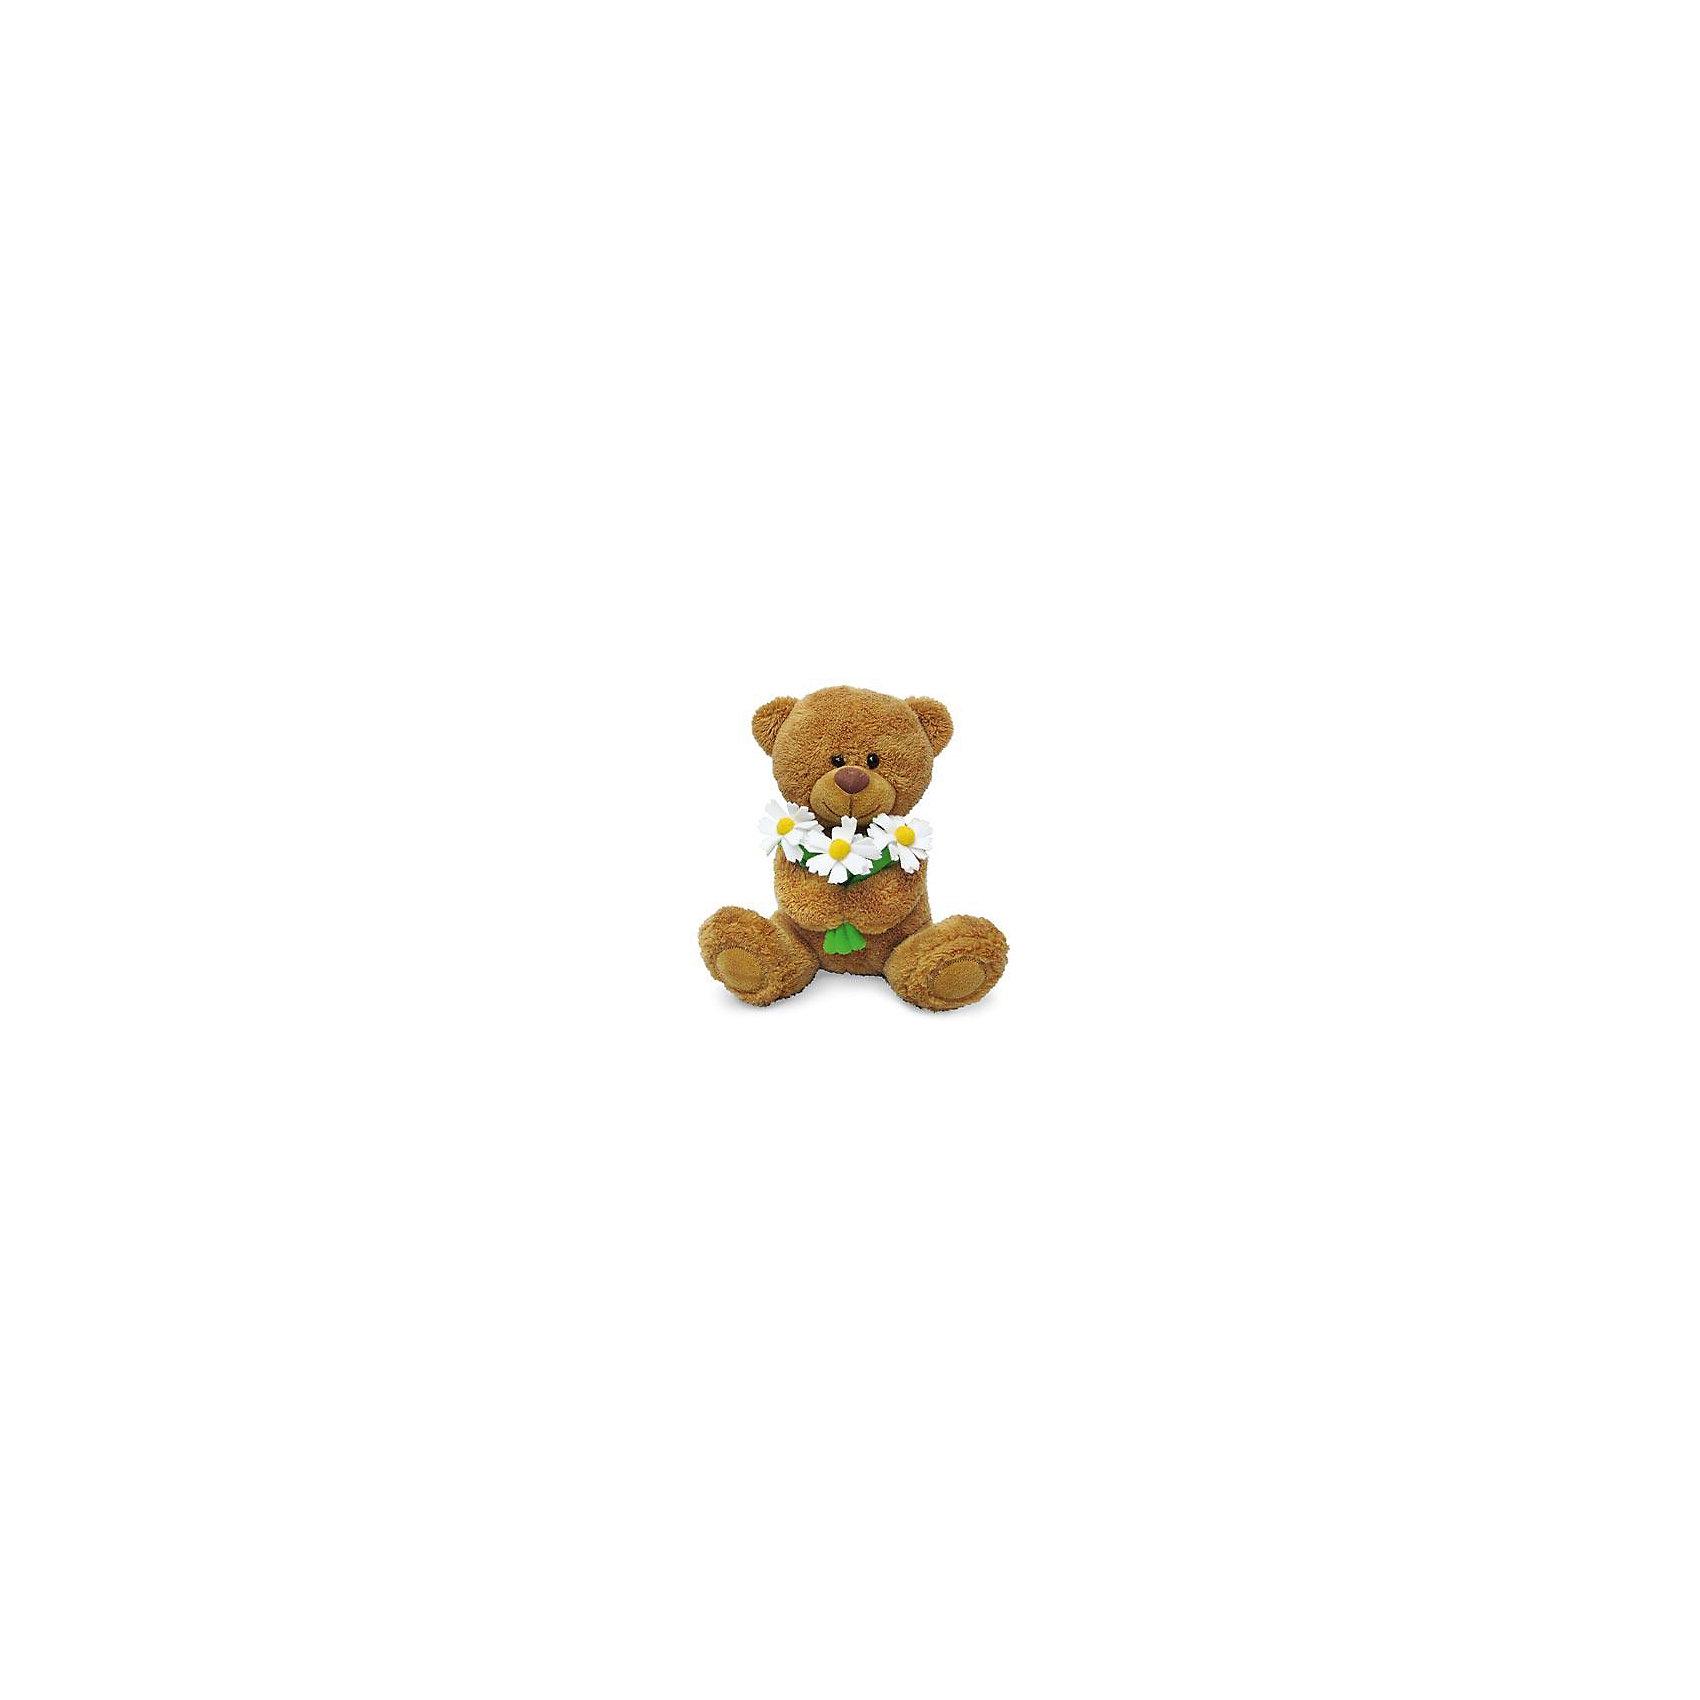 LAVA Медвежонок Сэмми с ромашками, музыкальный, 18 см., LAVA lava бобер музыкальный 19 см